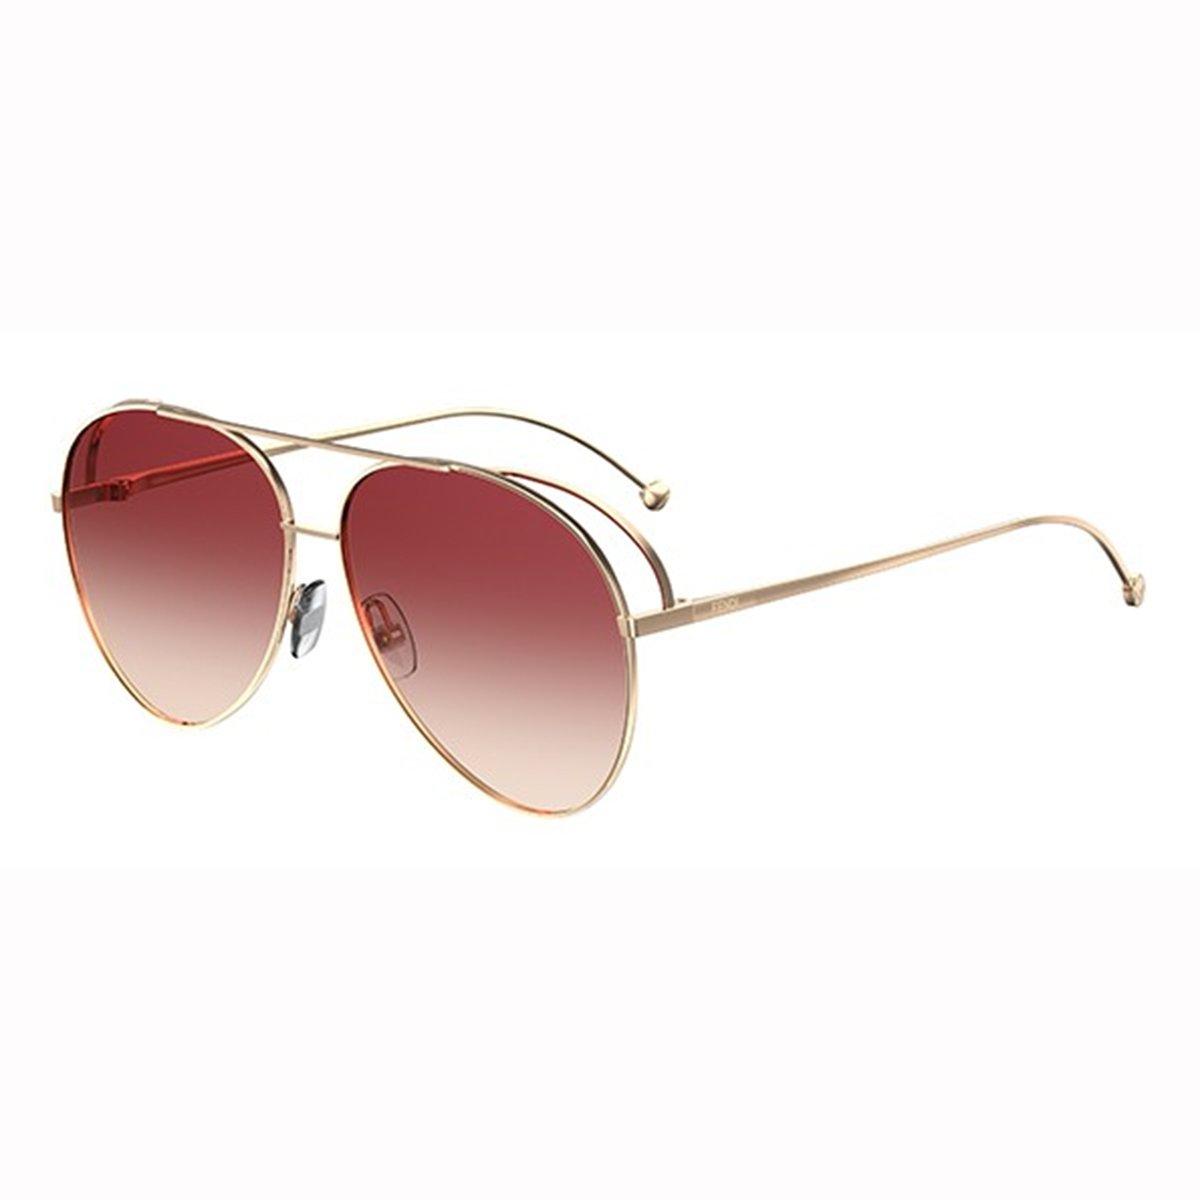 850aaab38a8f8 Compre Óculos de Sol Fendi Run Away em 10X   Tri-Jóia Shop